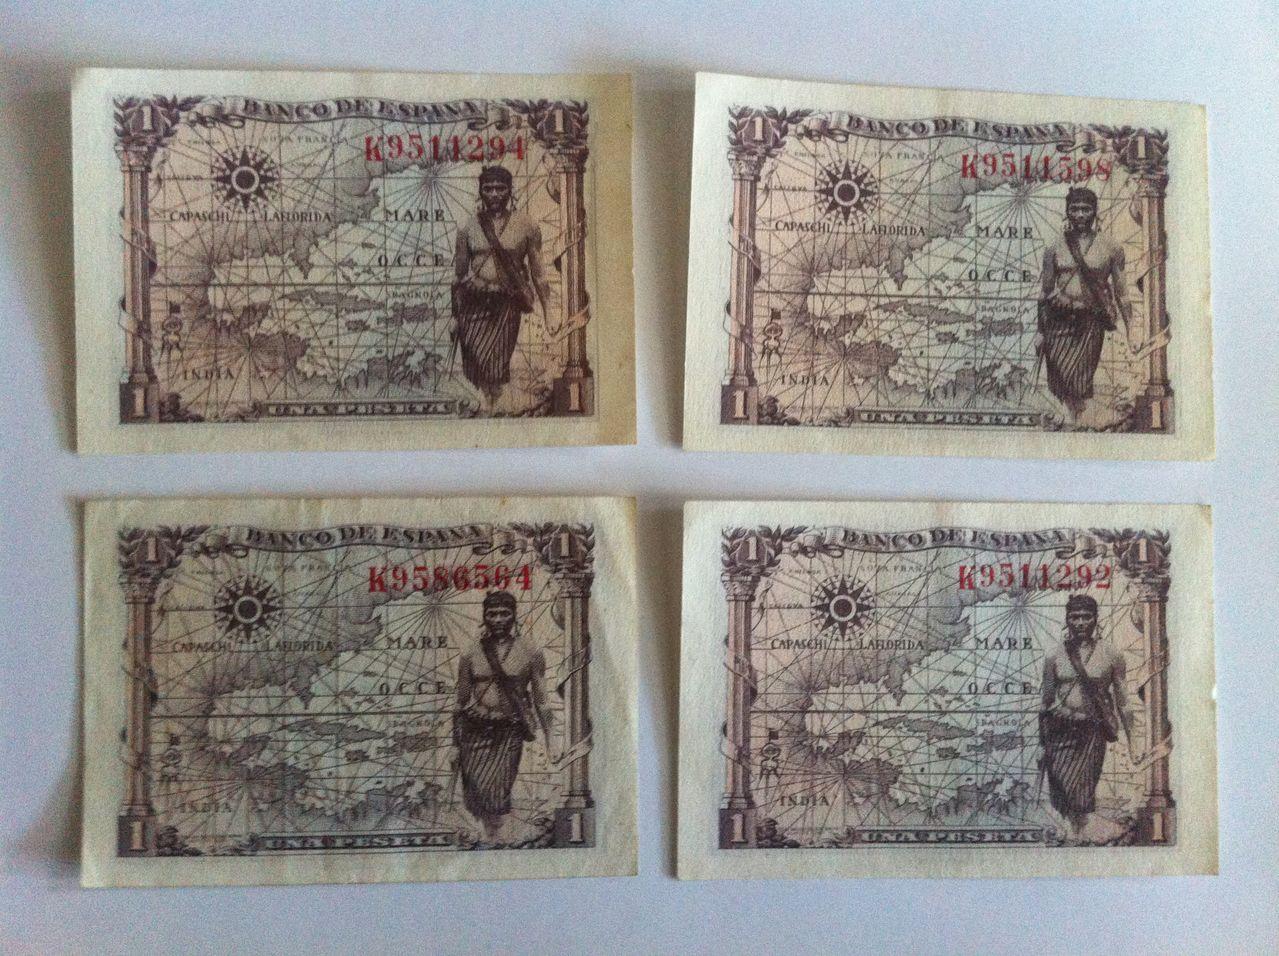 Ayuda para valorar coleccion de billetes IMG_4949